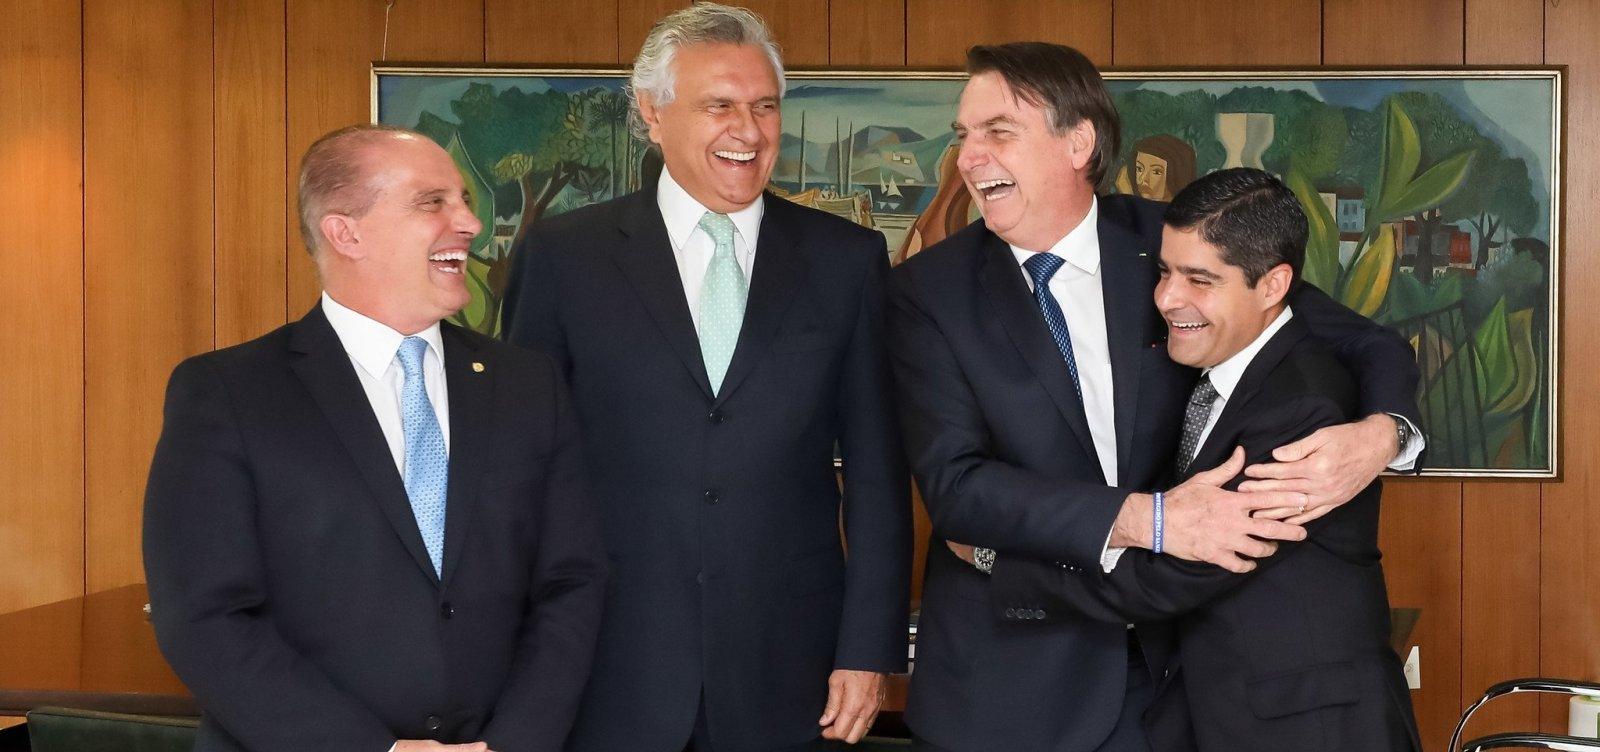 [ACM Neto diz que Bolsonaro pode sofrer impeachment caso não mude postura]